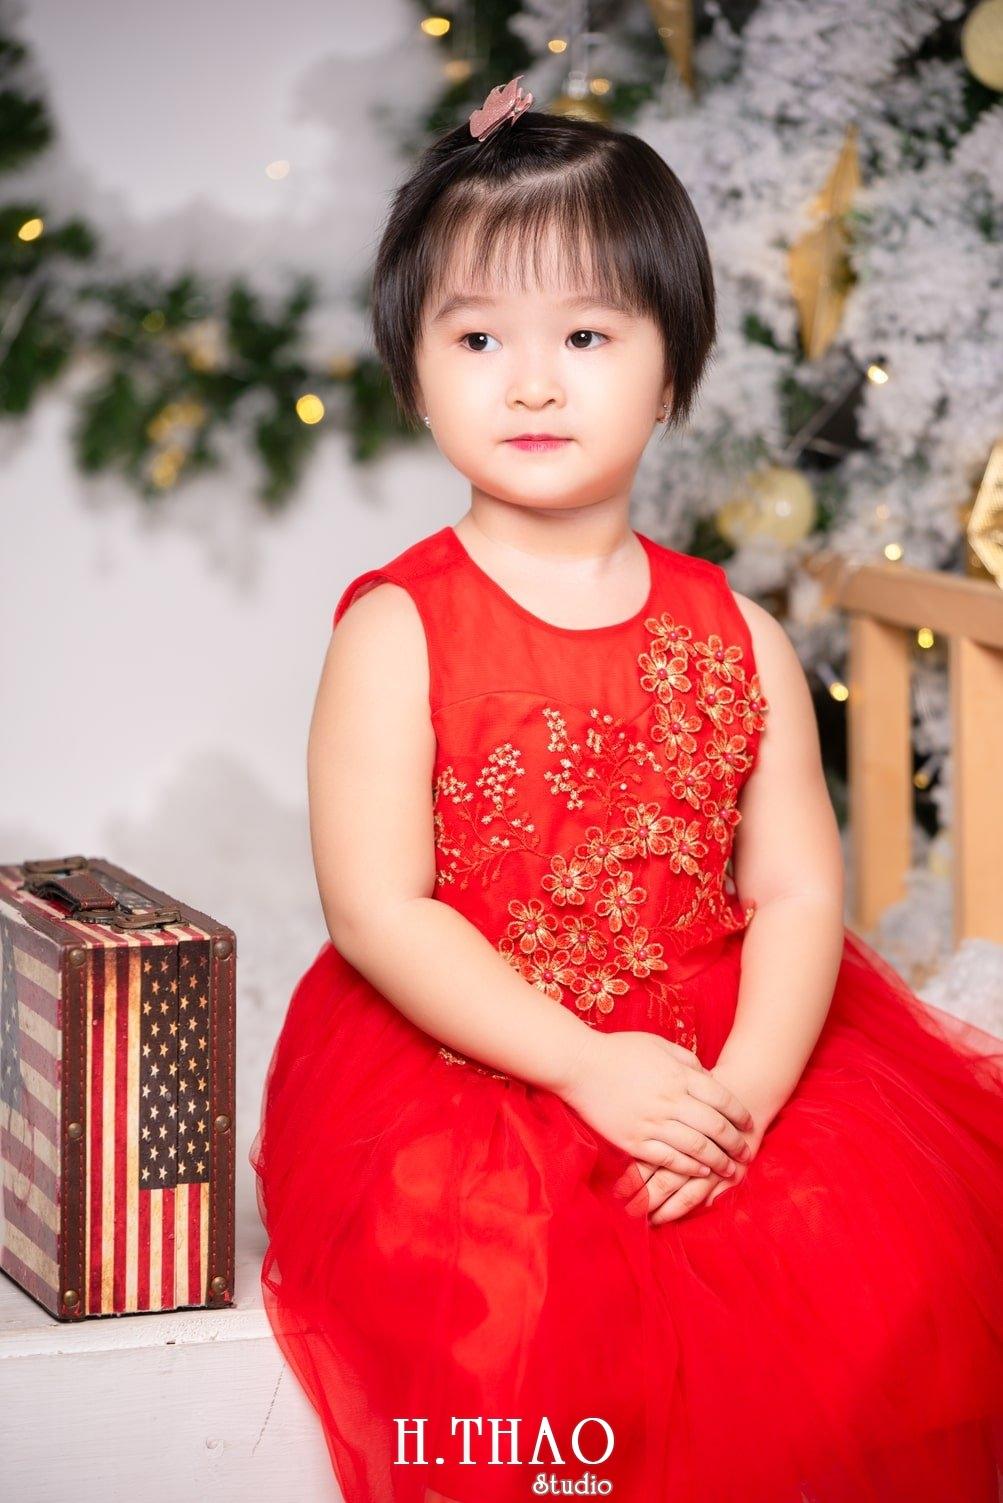 Anh be noel 24 - Album ảnh noel chụp cho con gái cưng chị Linh - HThao Studio